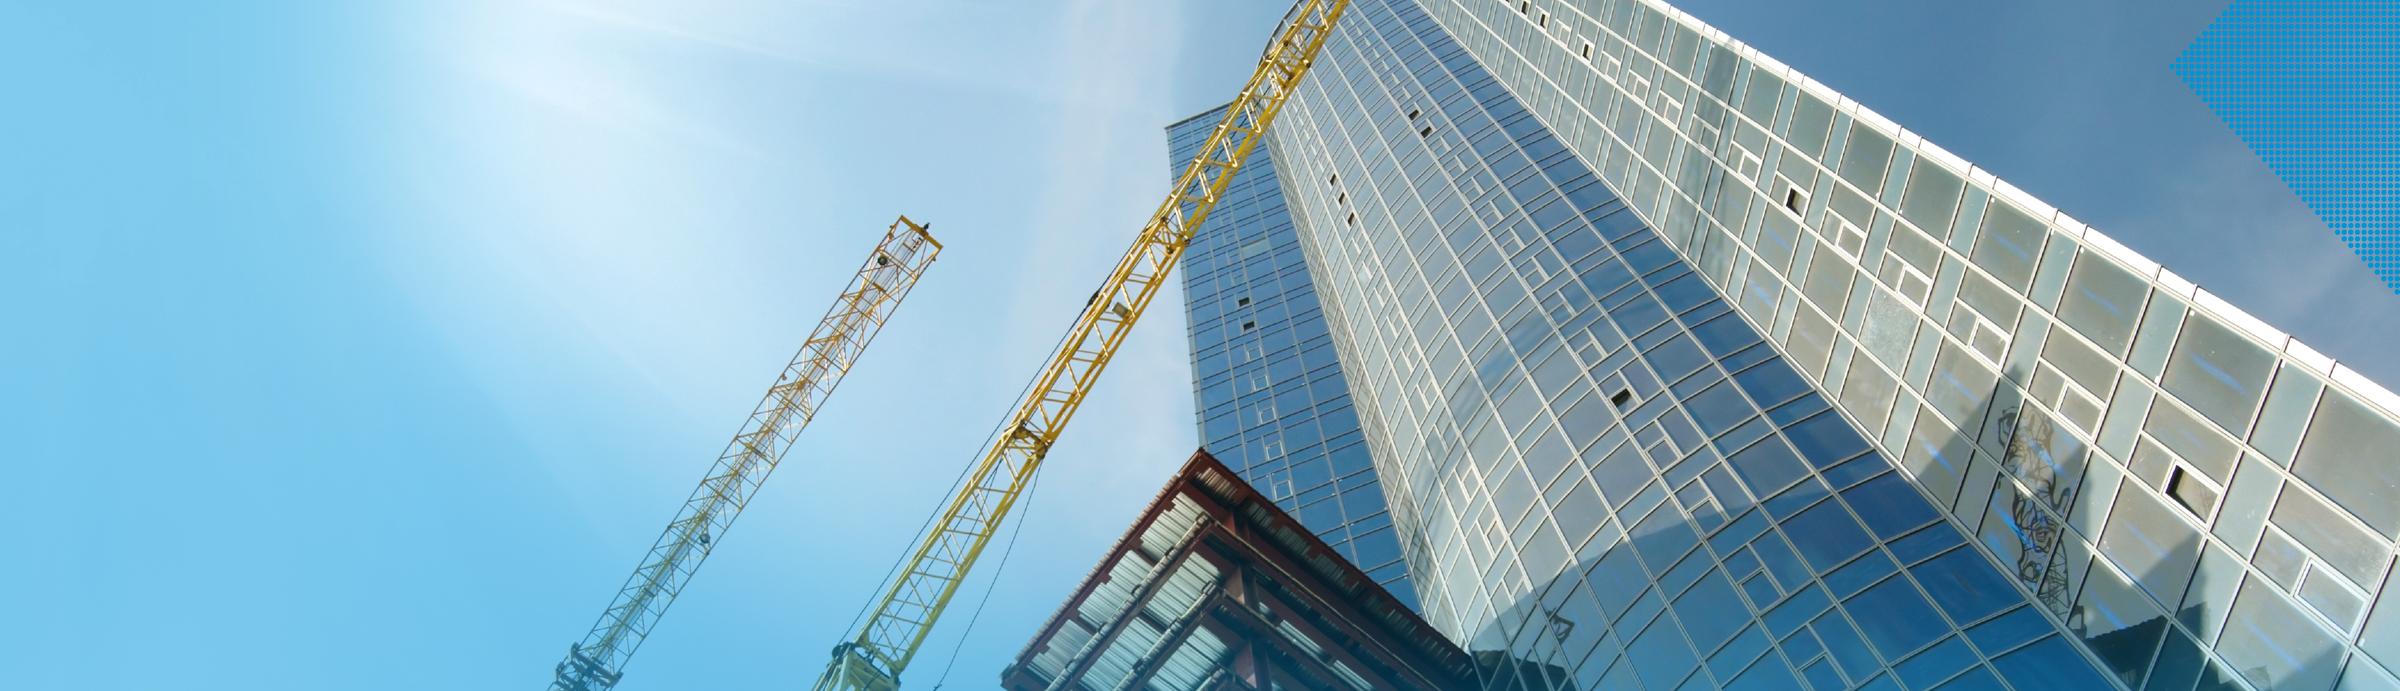 Home - Bauindustrie